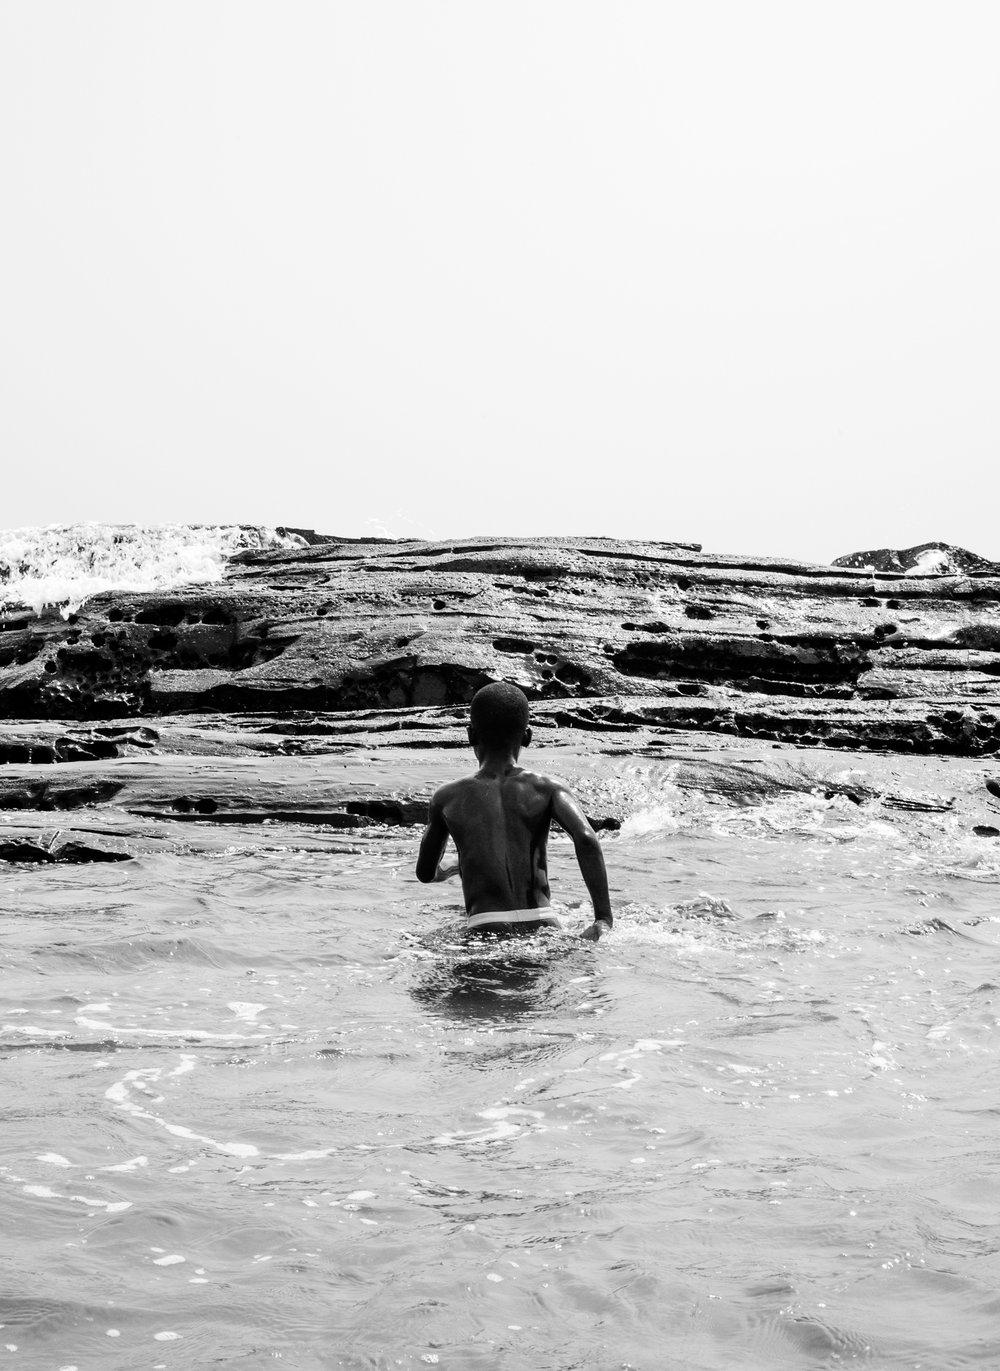 Boy-in-the-water.jpg